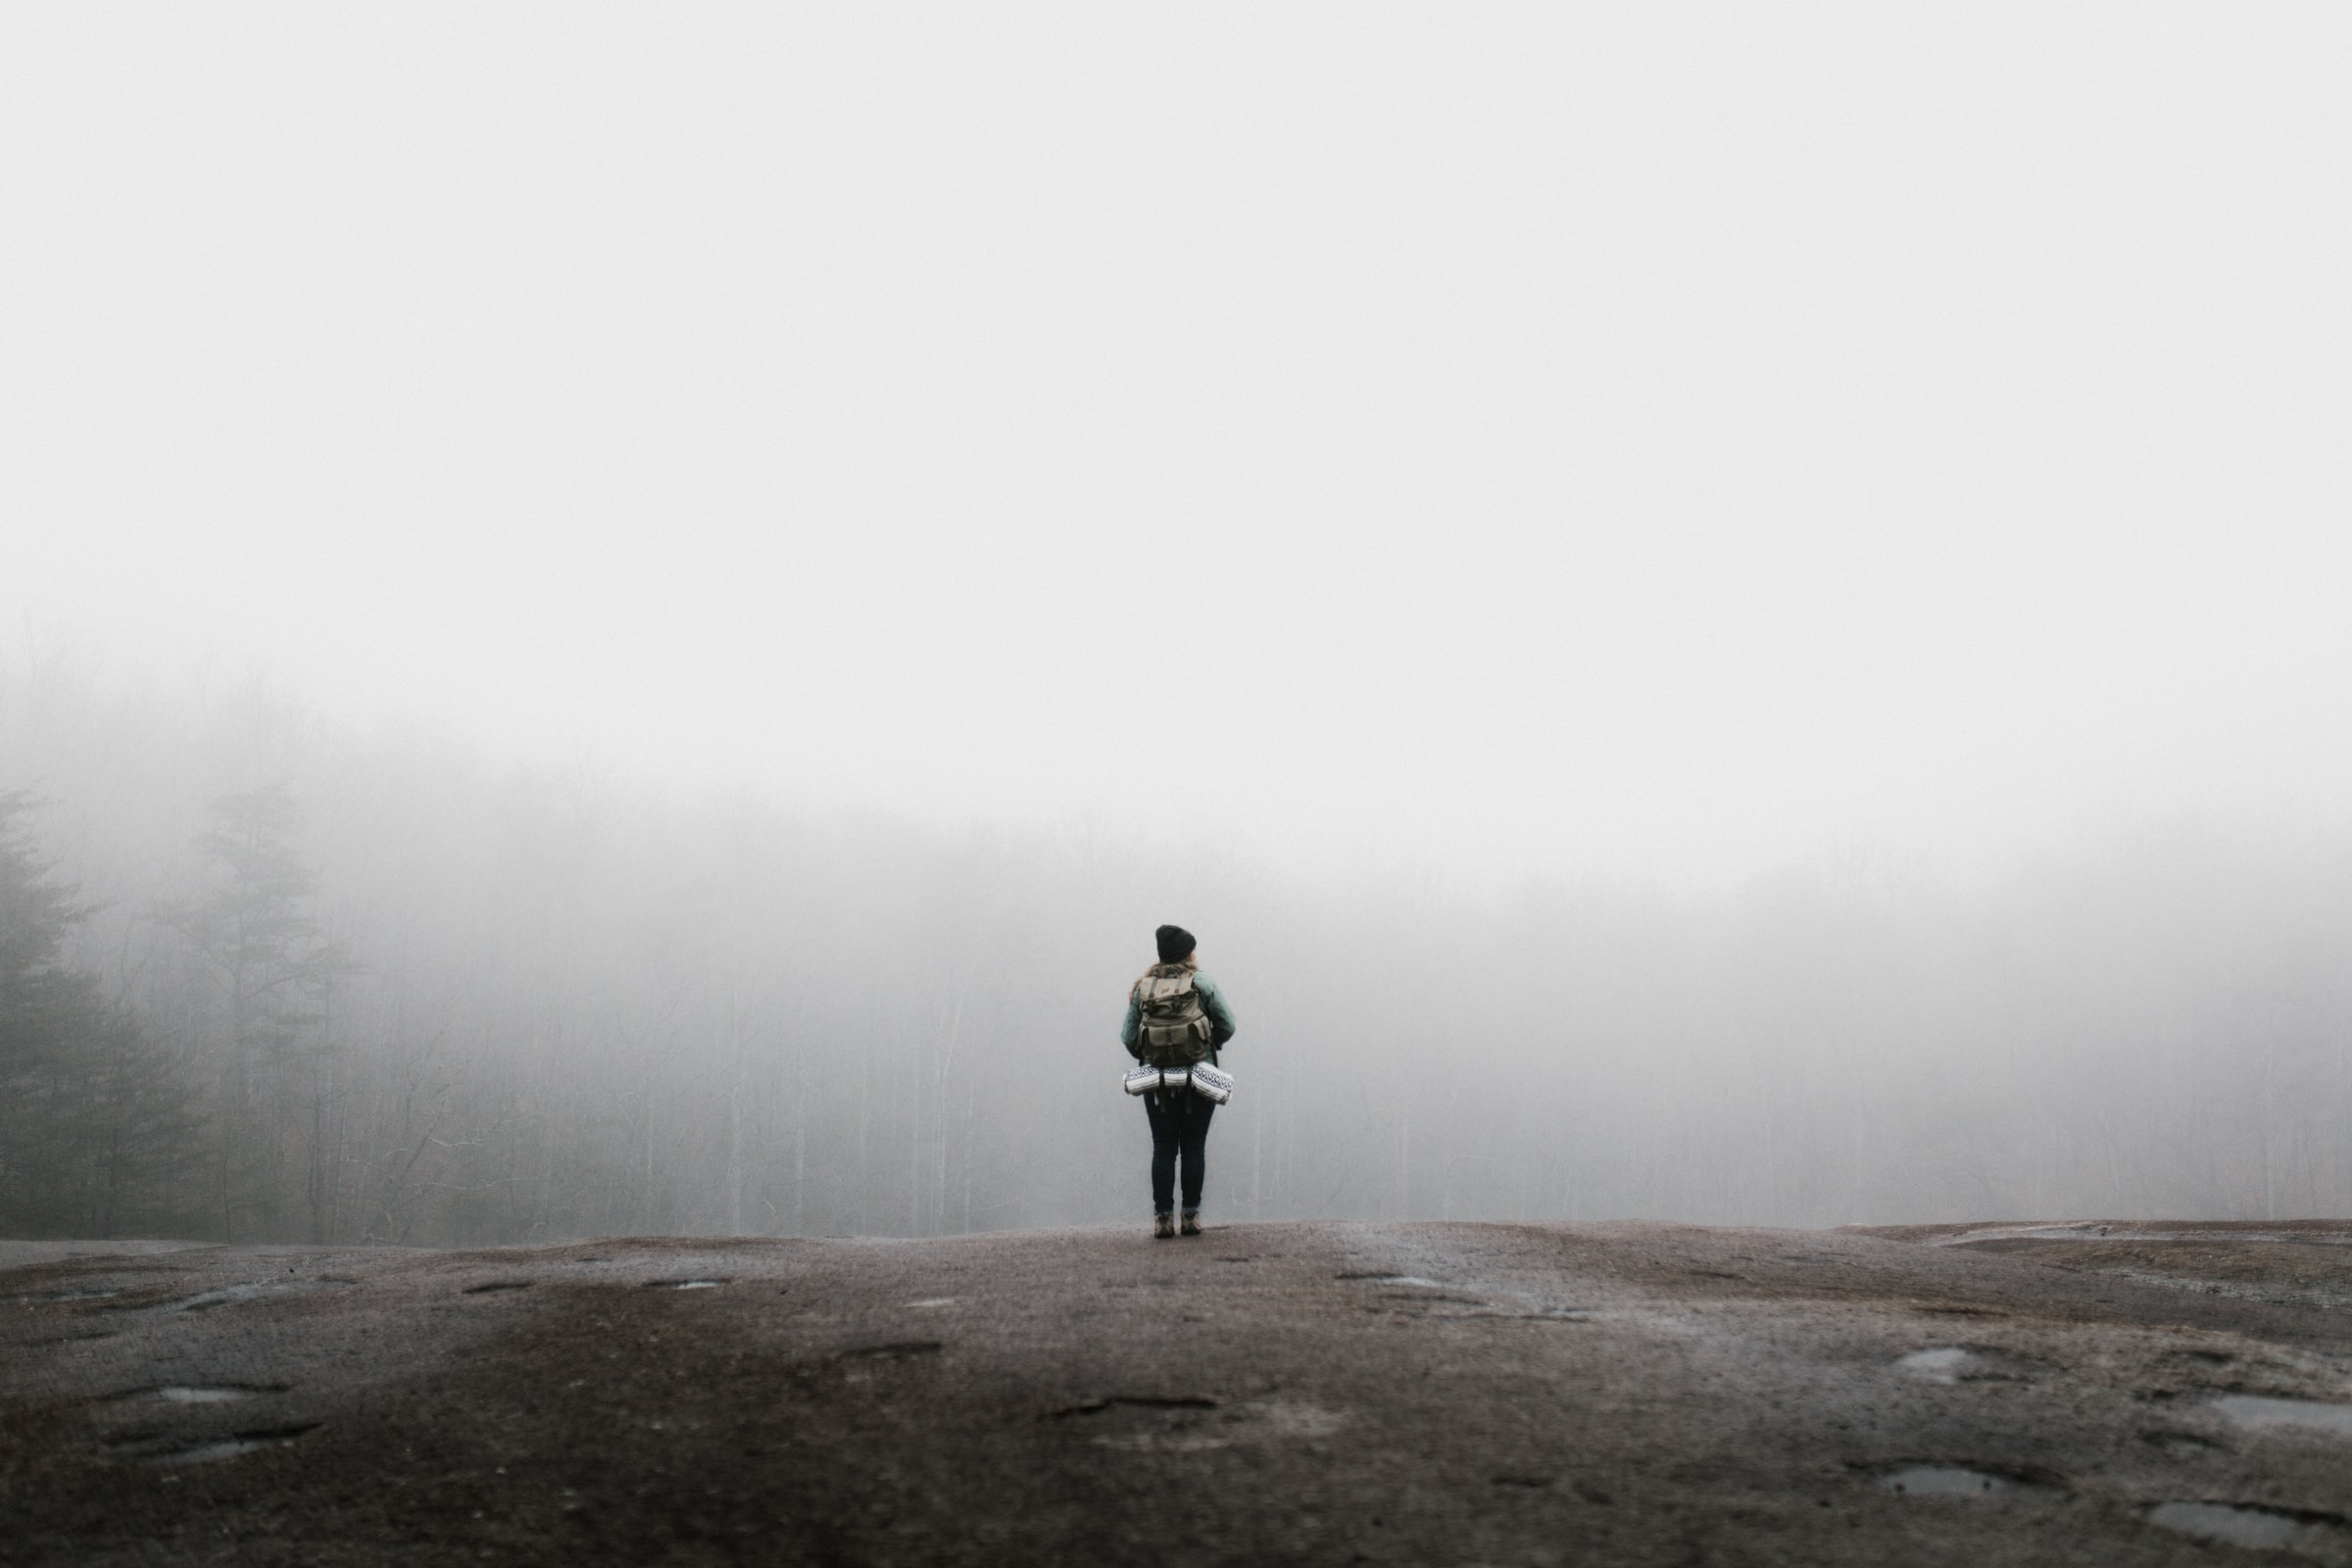 убежать от себя, убежать от мира, безопасное одиночество